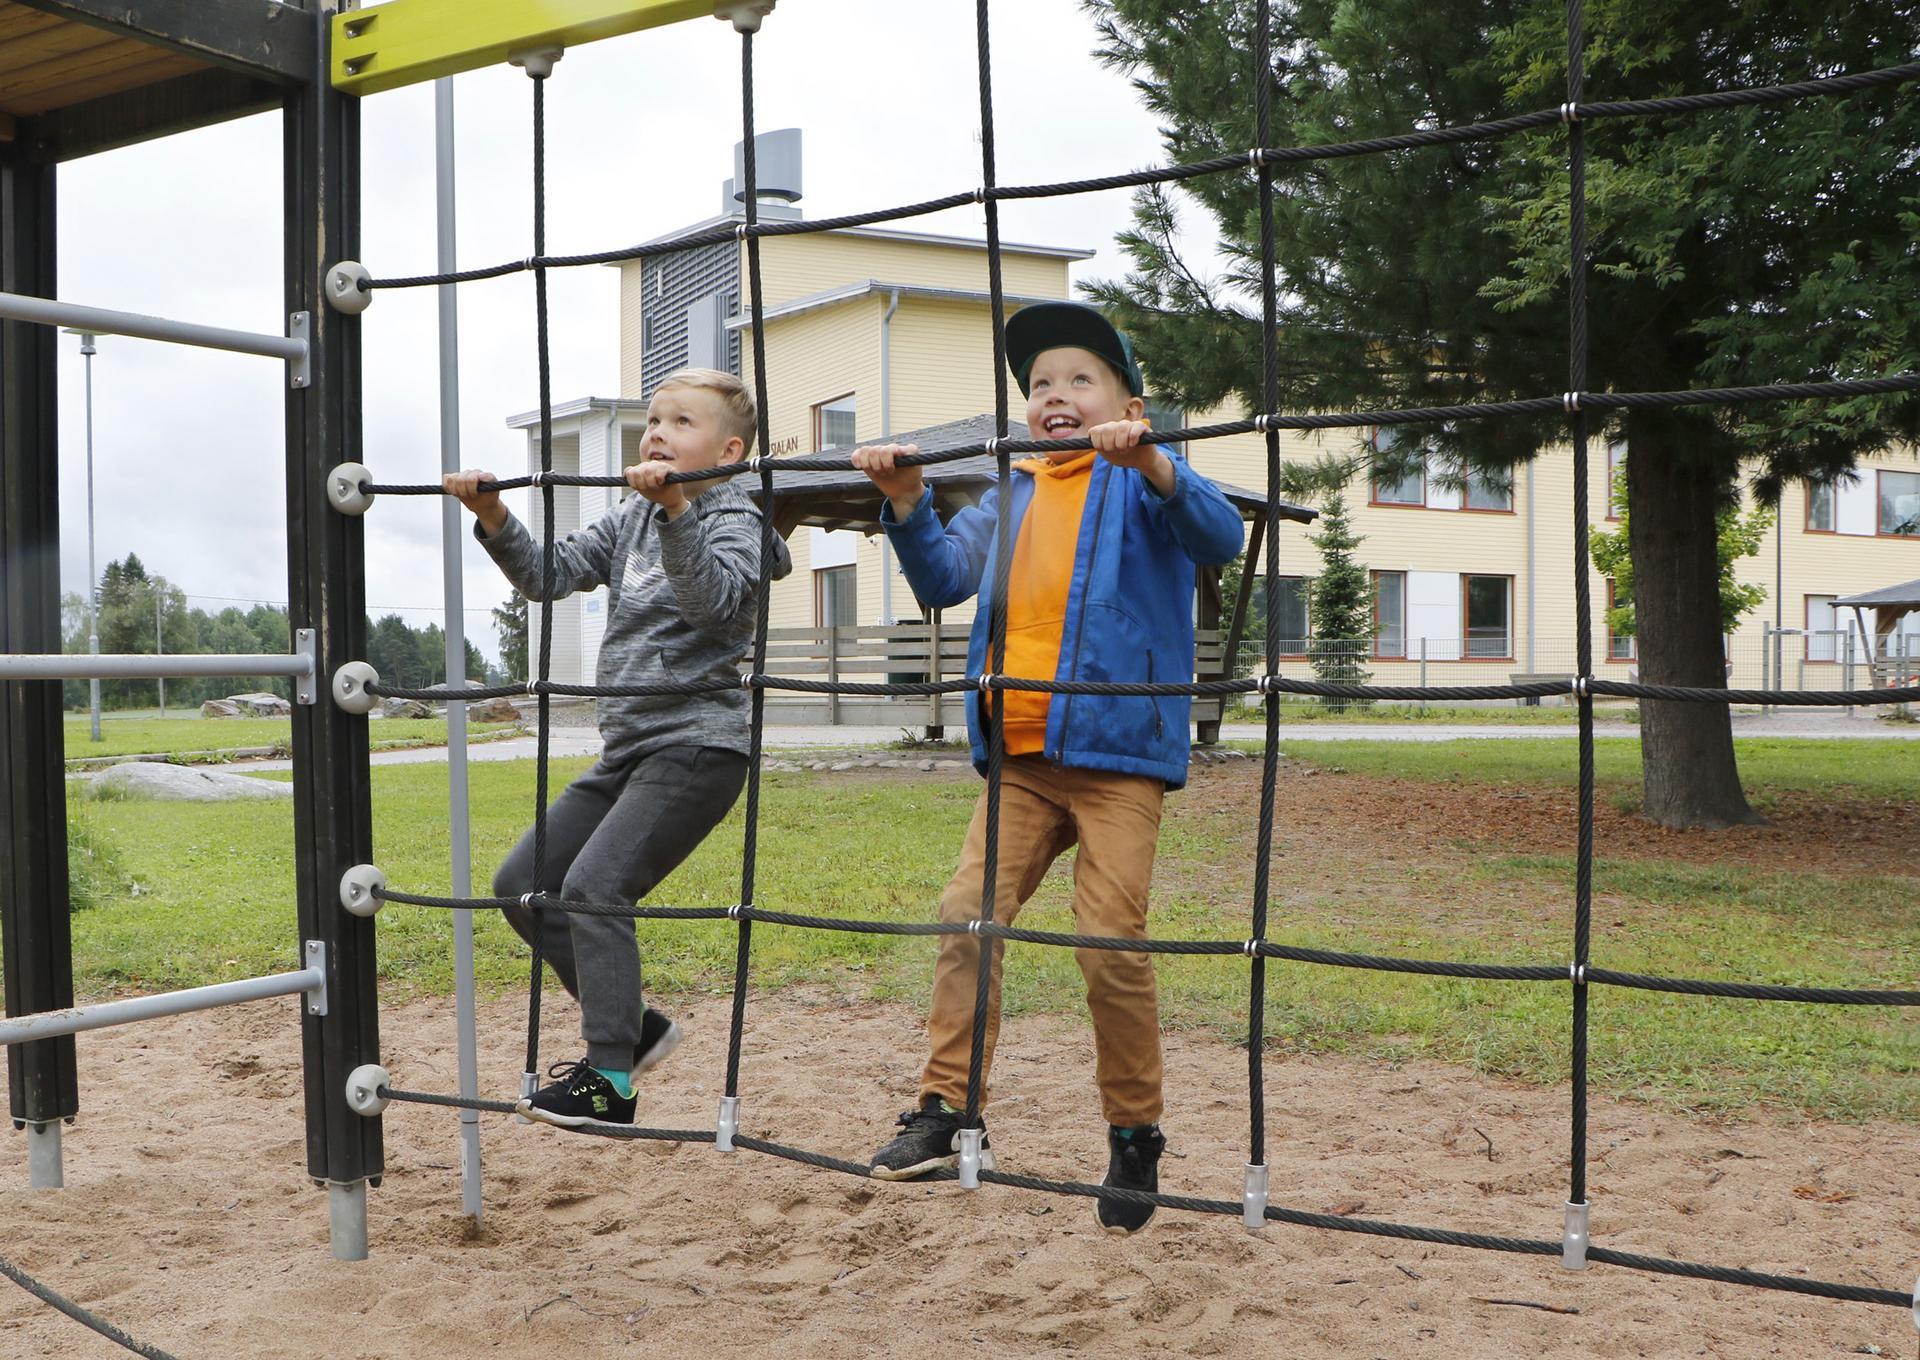 Hugo Osa ja Viljami Osa ovat 7-vuotiaat serkukset, jotka aloittavat koulunkäyntinsä ensi tiistaina Liuksialan koulun ensimmäisellä luokalla. Koulun pihamaa on heille ennestään tuttu, sillä he käyvät siellä silloin tällöin leikkimässä ja liikkumassa. Skuuttaus kuuluu kummankin lempipuuhiin.